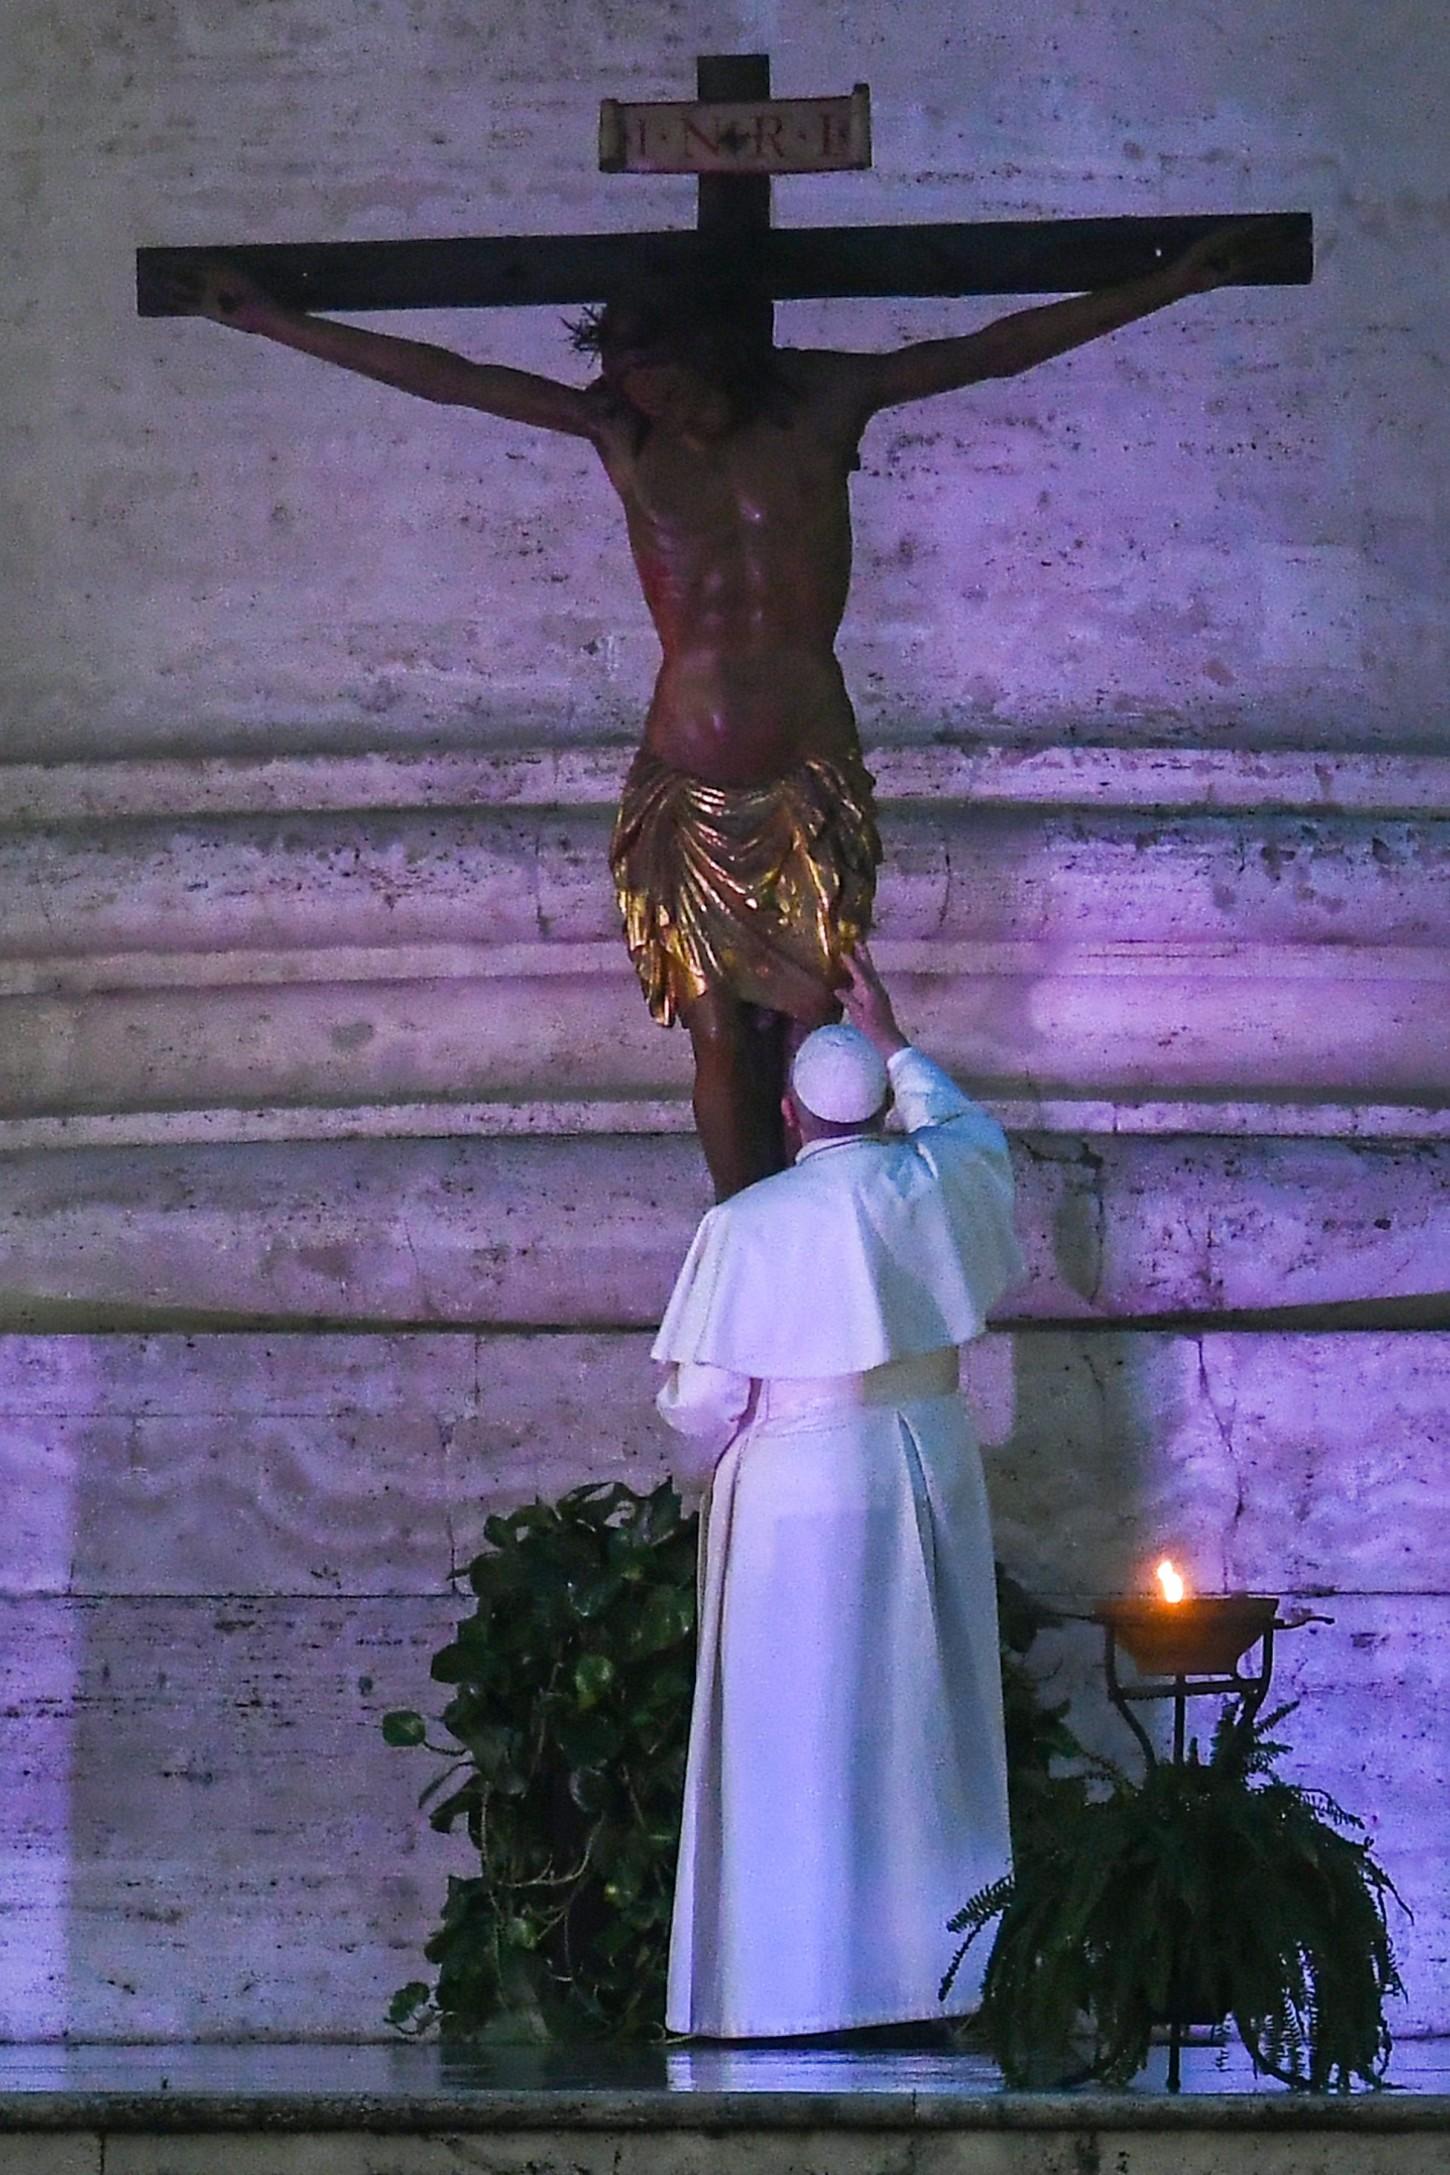 Después, se acercó despacio hacia la puerta central de la basílica del Vaticano para rezar ante la imagen de la Virgen Salus Populi Romani, que habitualmente se guarda en la Basílica de Santa María la Mayor, como y también el Cristo crucificado de la Iglesia de San Marcello, al que el pontífice rezó el pasado 16 de marzo dejando una fotografía memorable, un paseo por una Roma vacía, con sus gentes confinadas en sus casas.